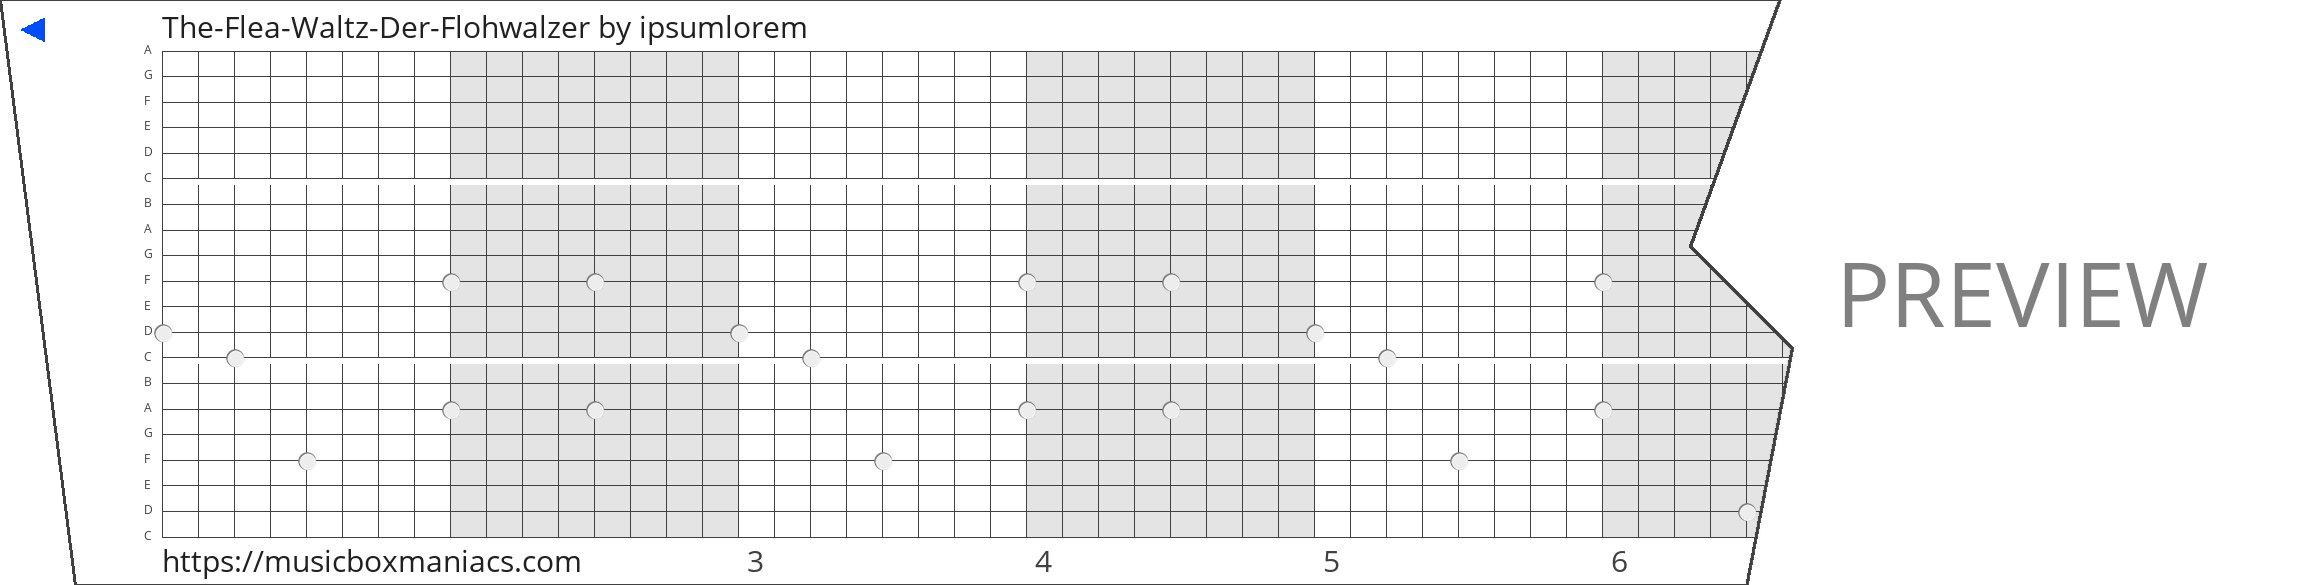 The-Flea-Waltz-Der-Flohwalzer 20 note music box paper strip